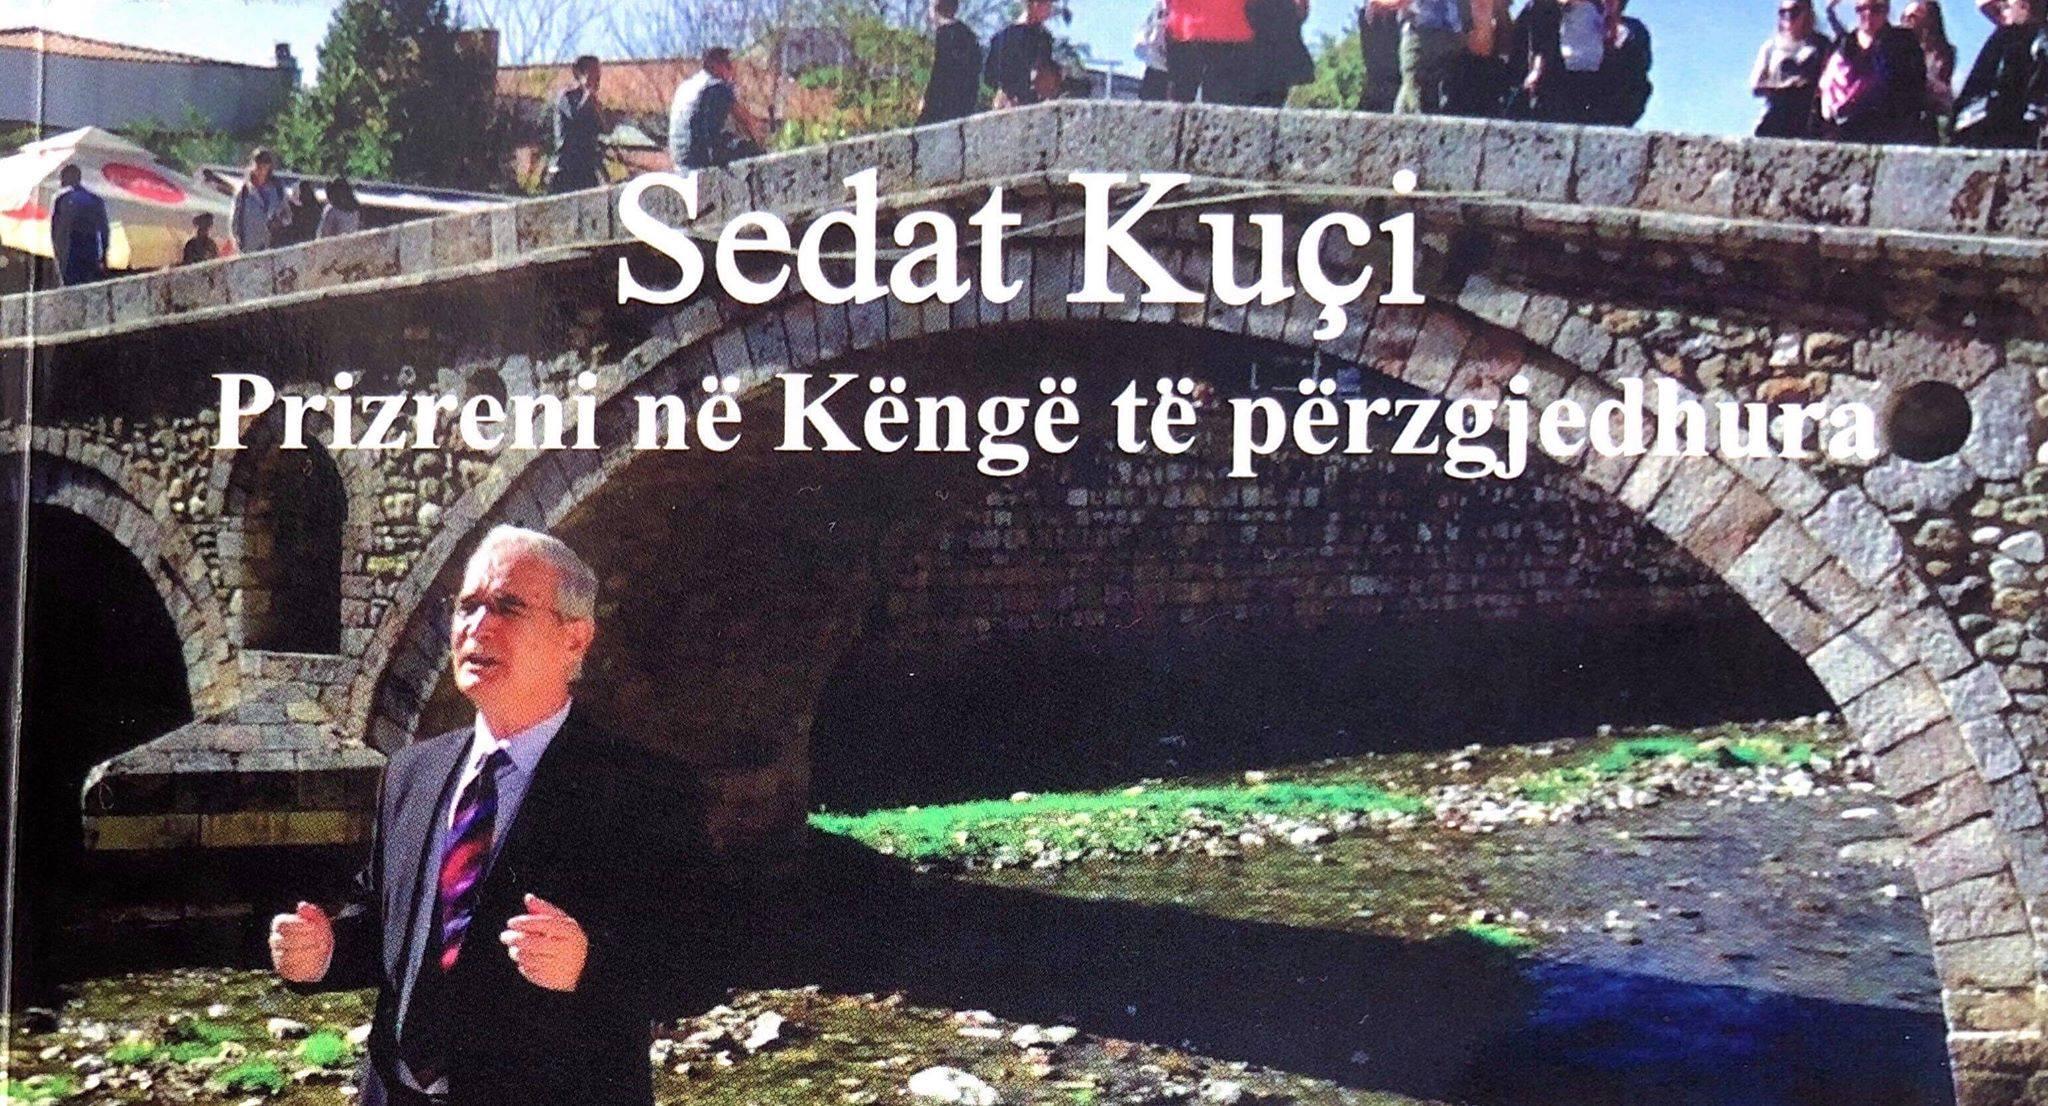 Promovimi i albumit të prof.dr.Sedat Kuçit në Malmö